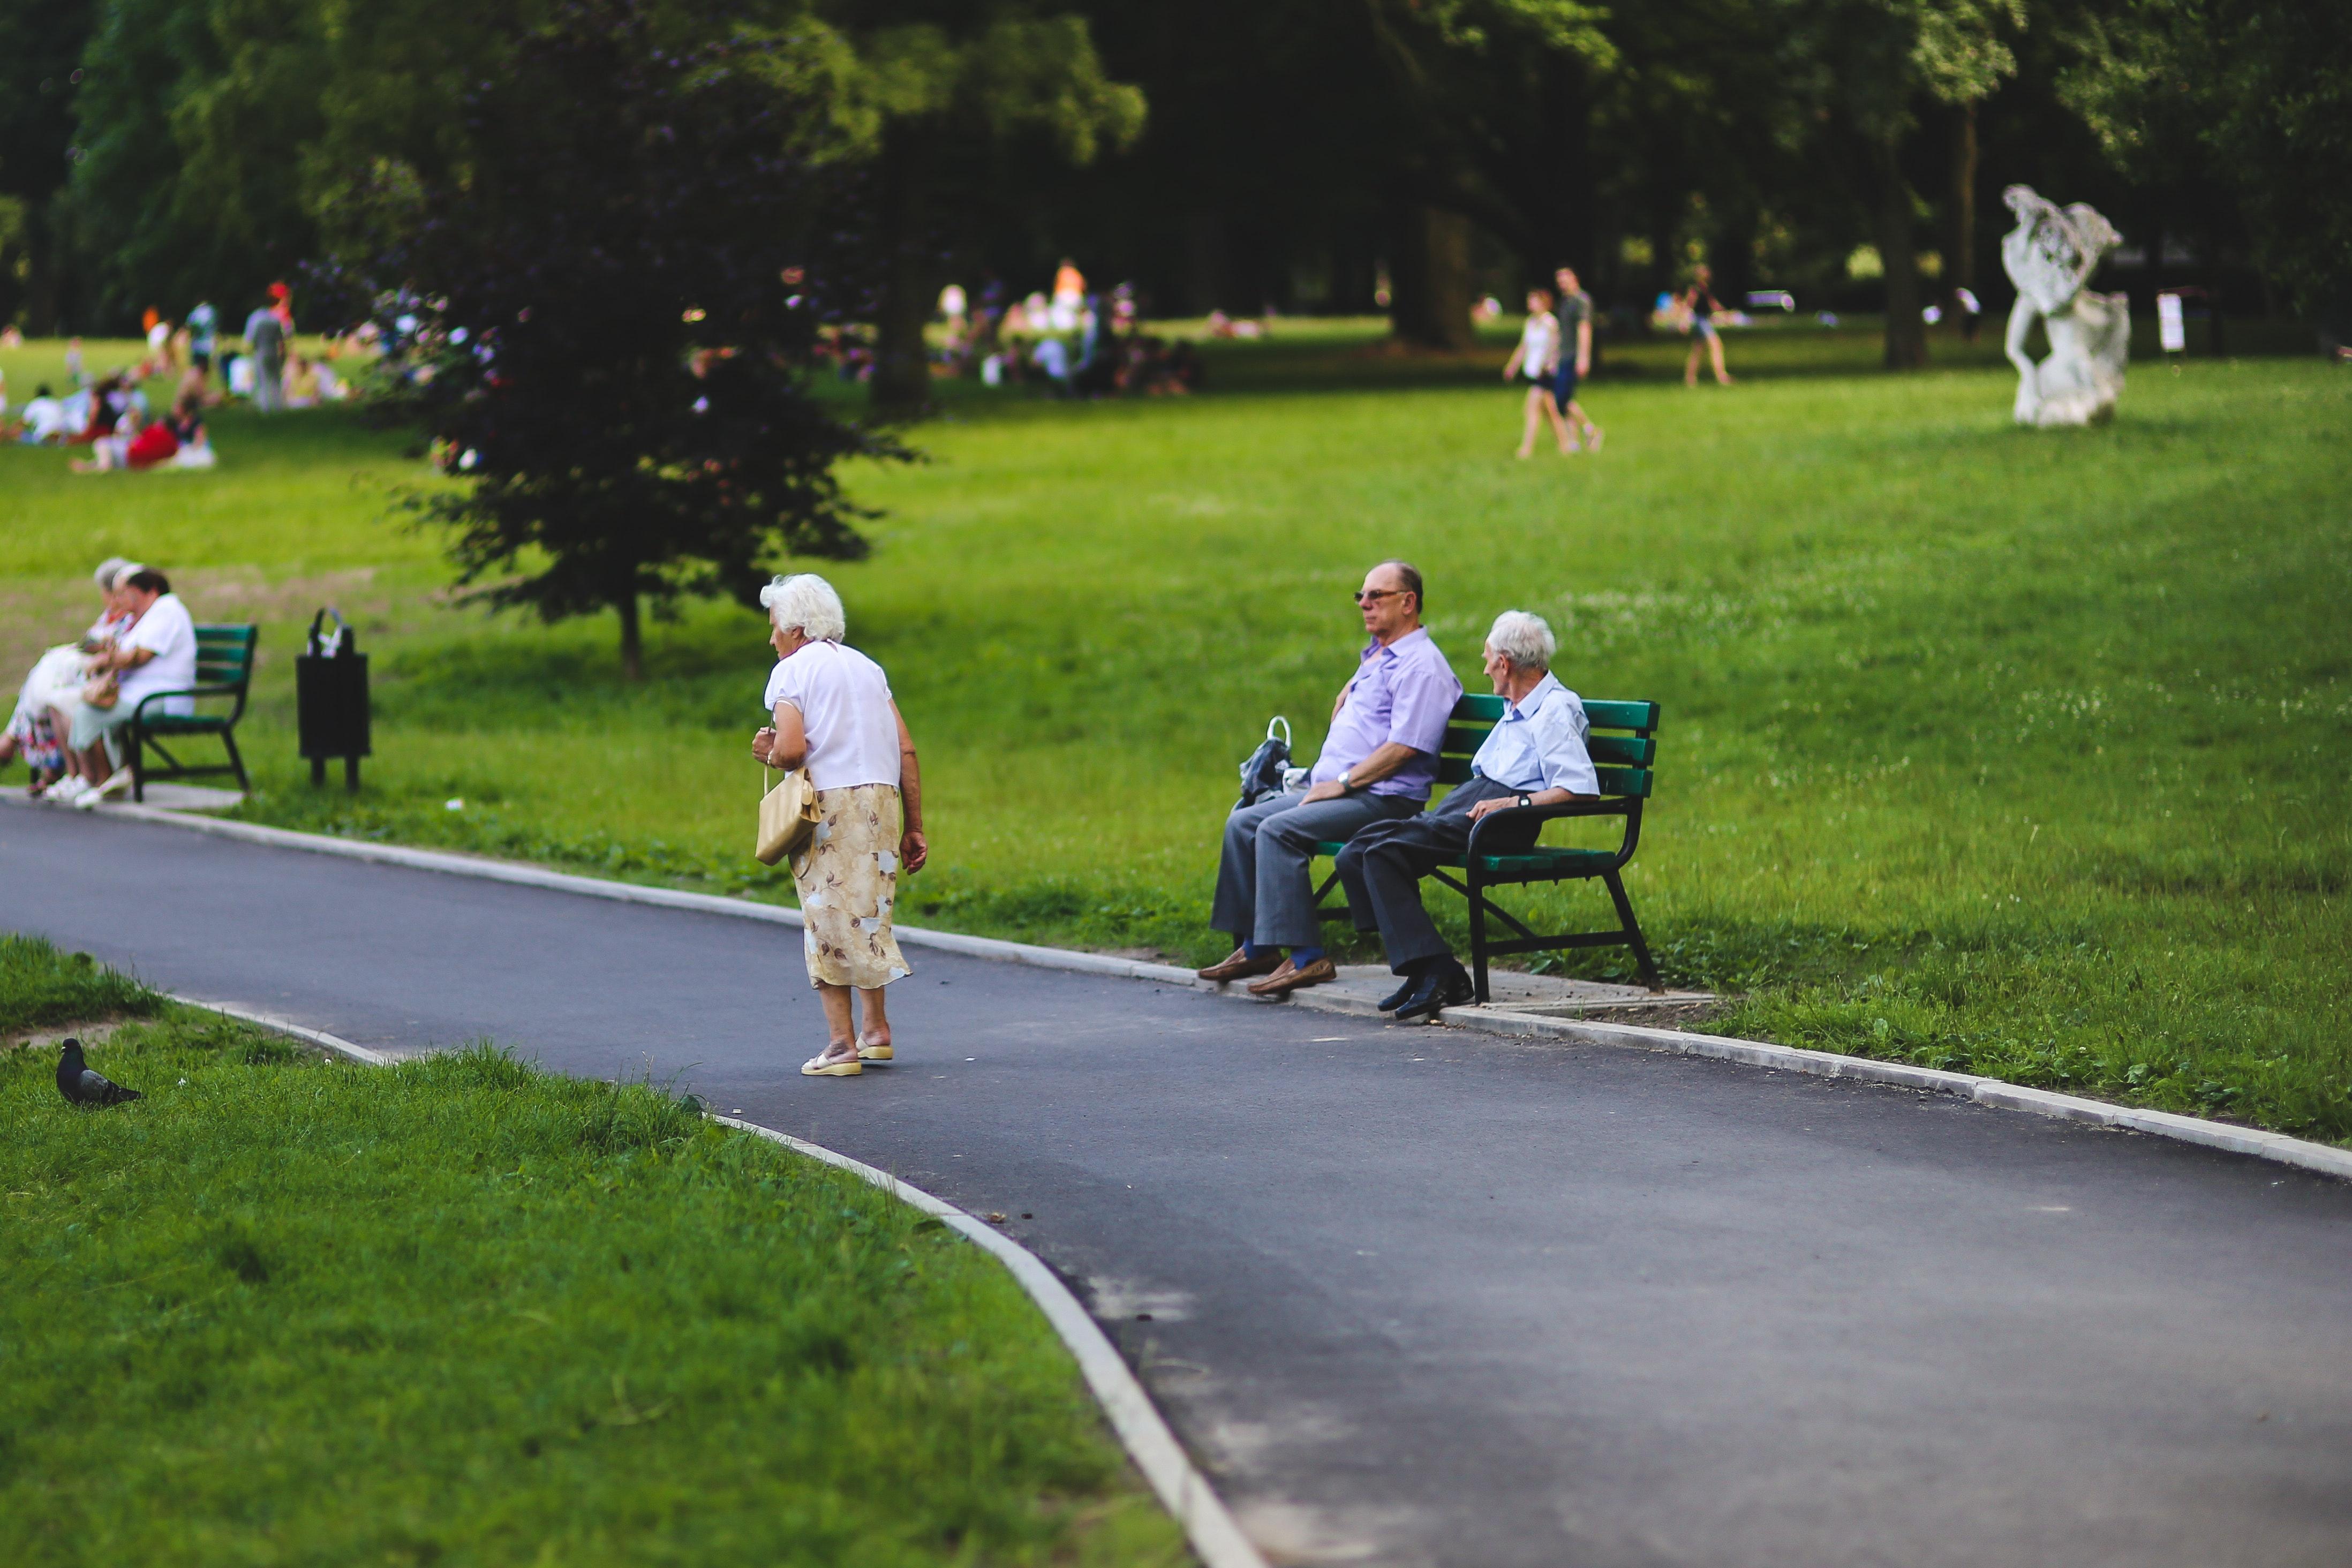 El convenio de pensiones entre España y países latinoamericanos